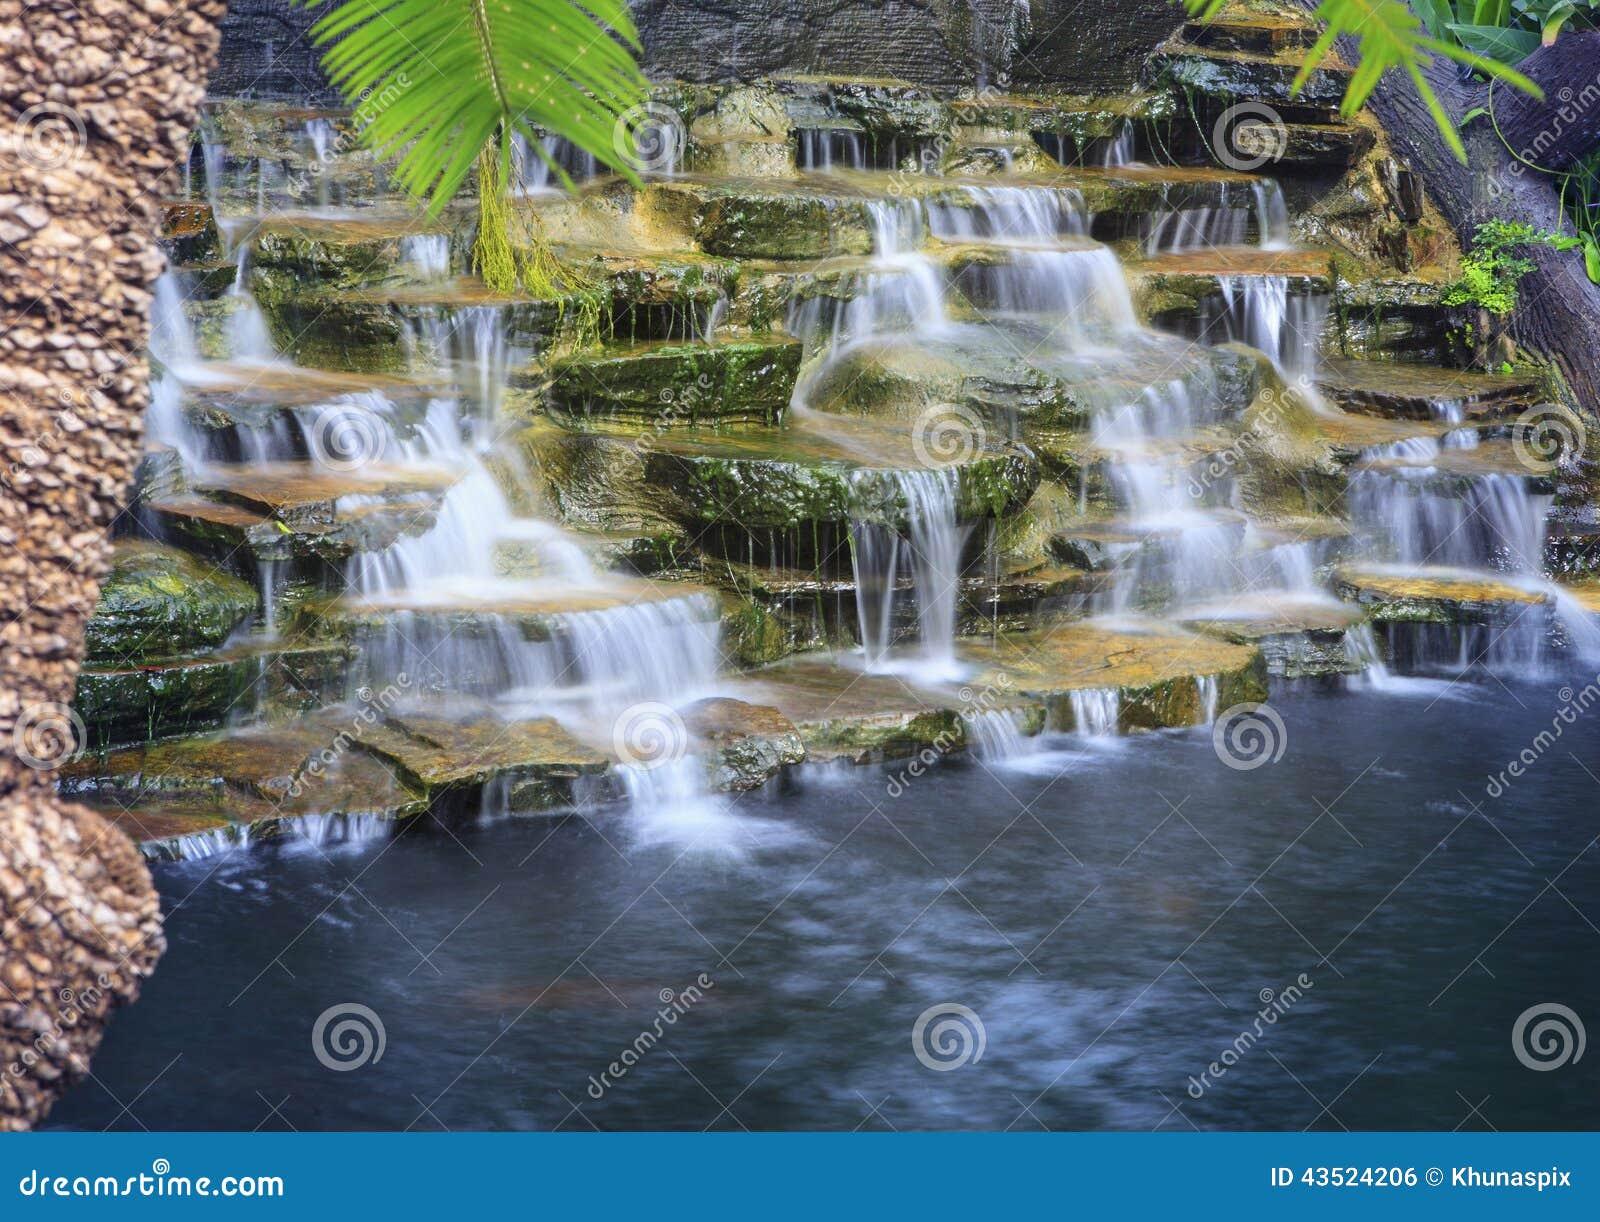 Cascadas Artificiales Con Fotograf A Larga De La T Cnica